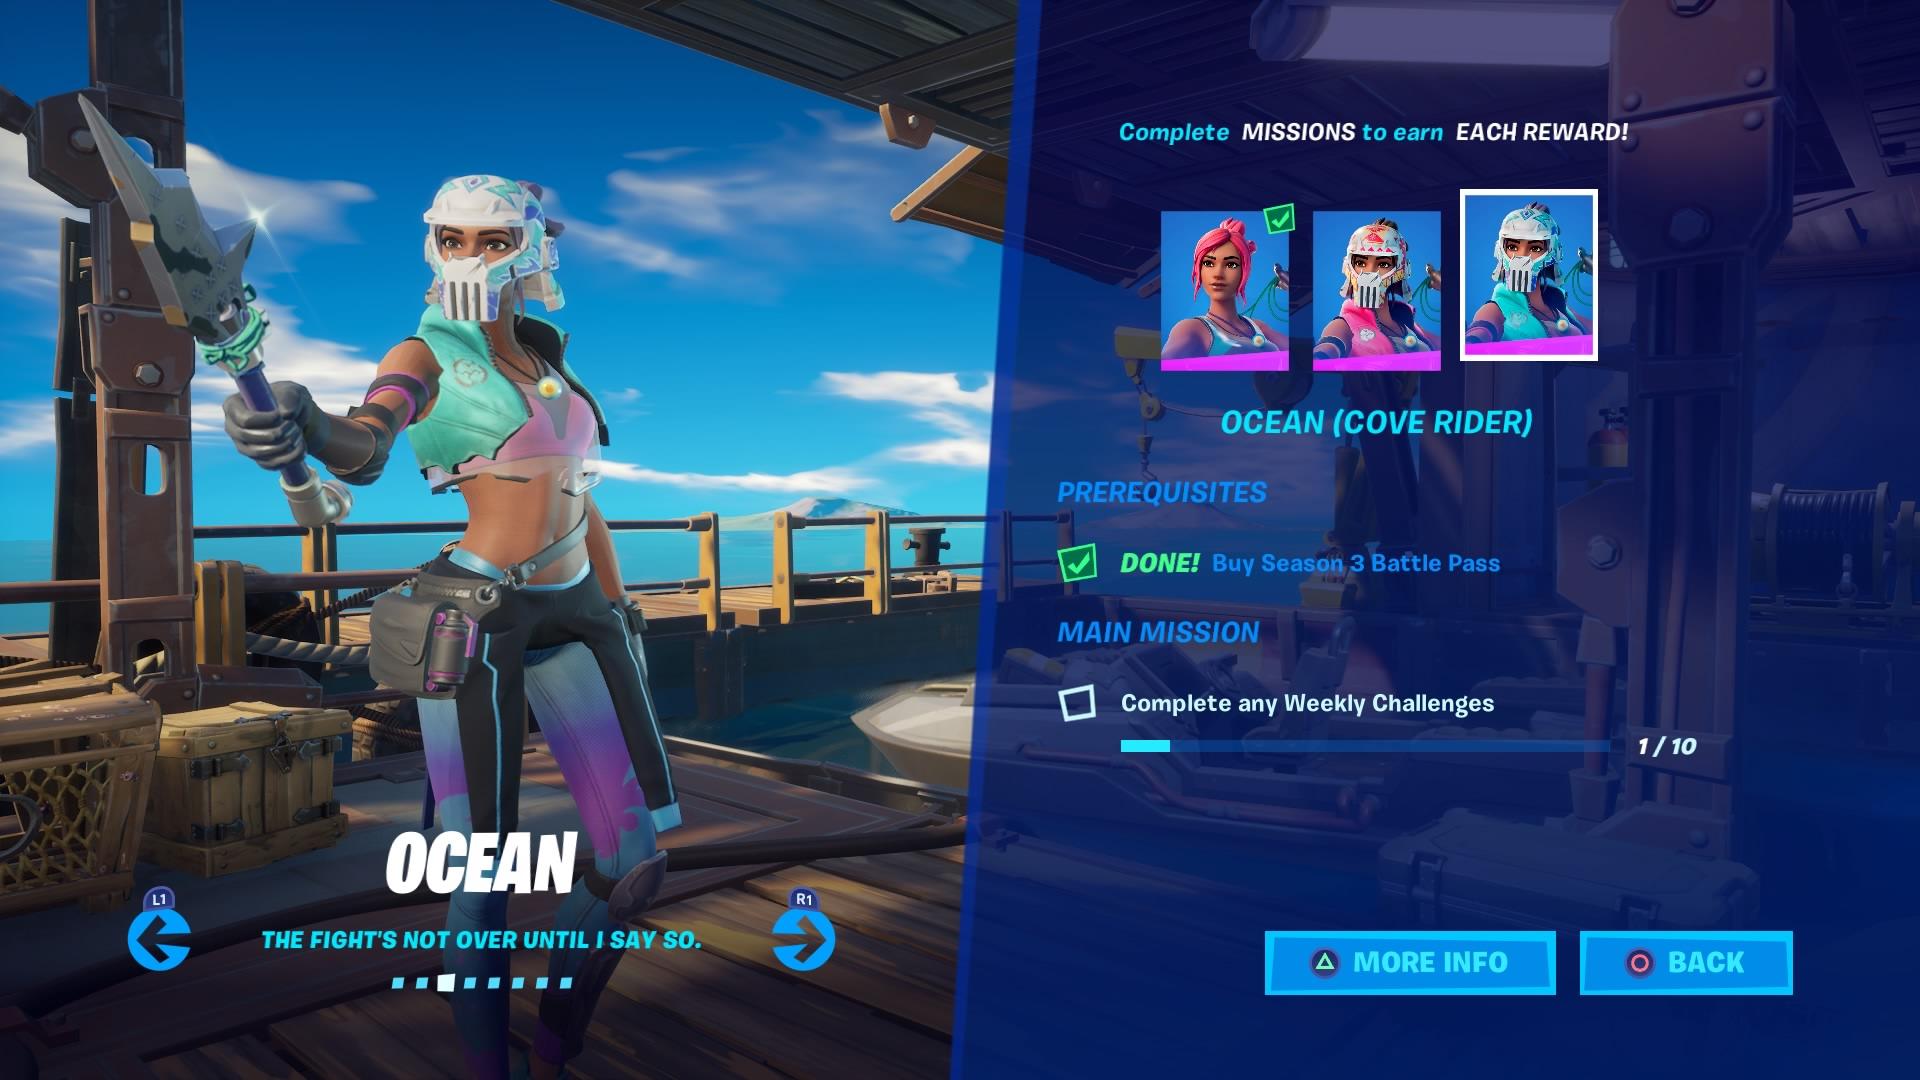 fortnite ocean cove rider wallpaper 71384